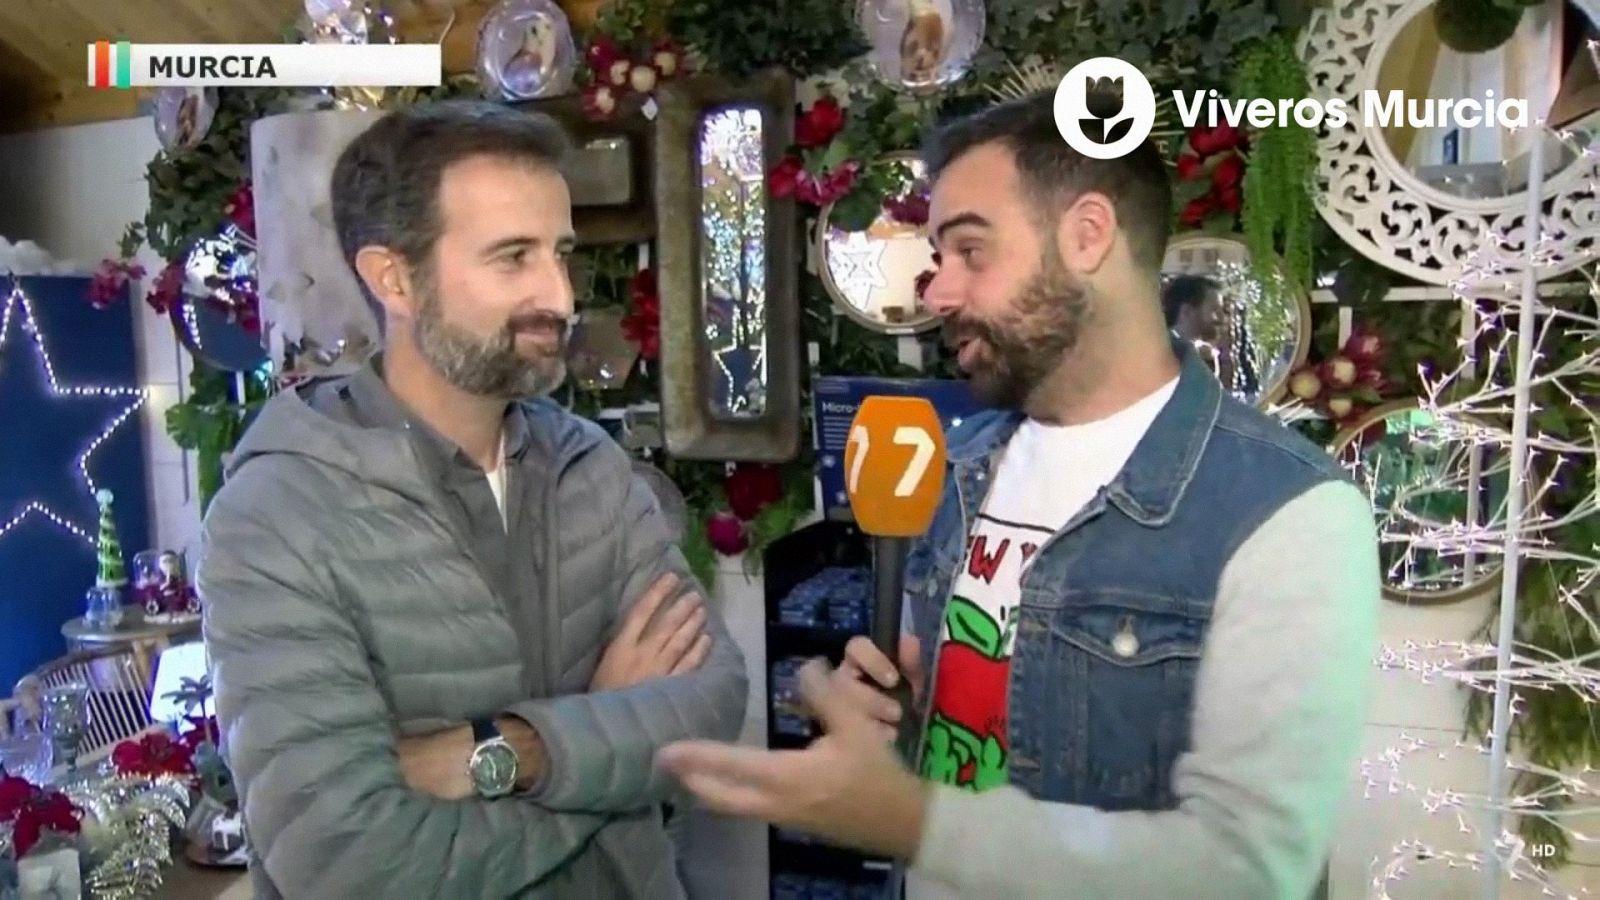 La Navidad de Viveros Murcia 2019 en la TV